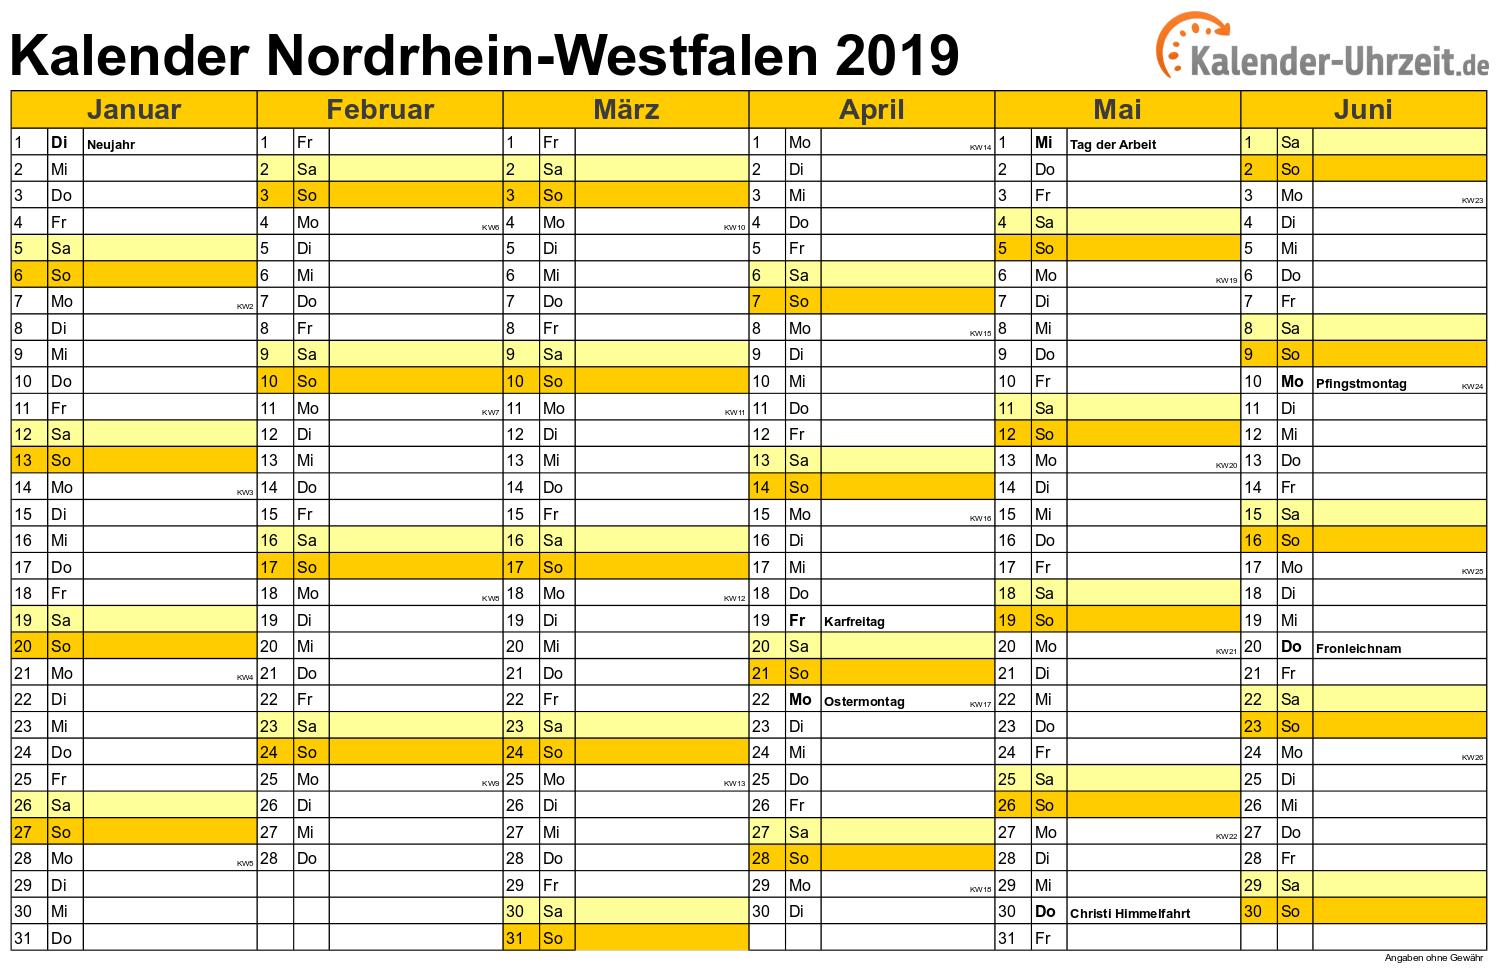 Nordrhein-Westfalen Kalender 2019 mit Feiertagen - quer-zweiseitig